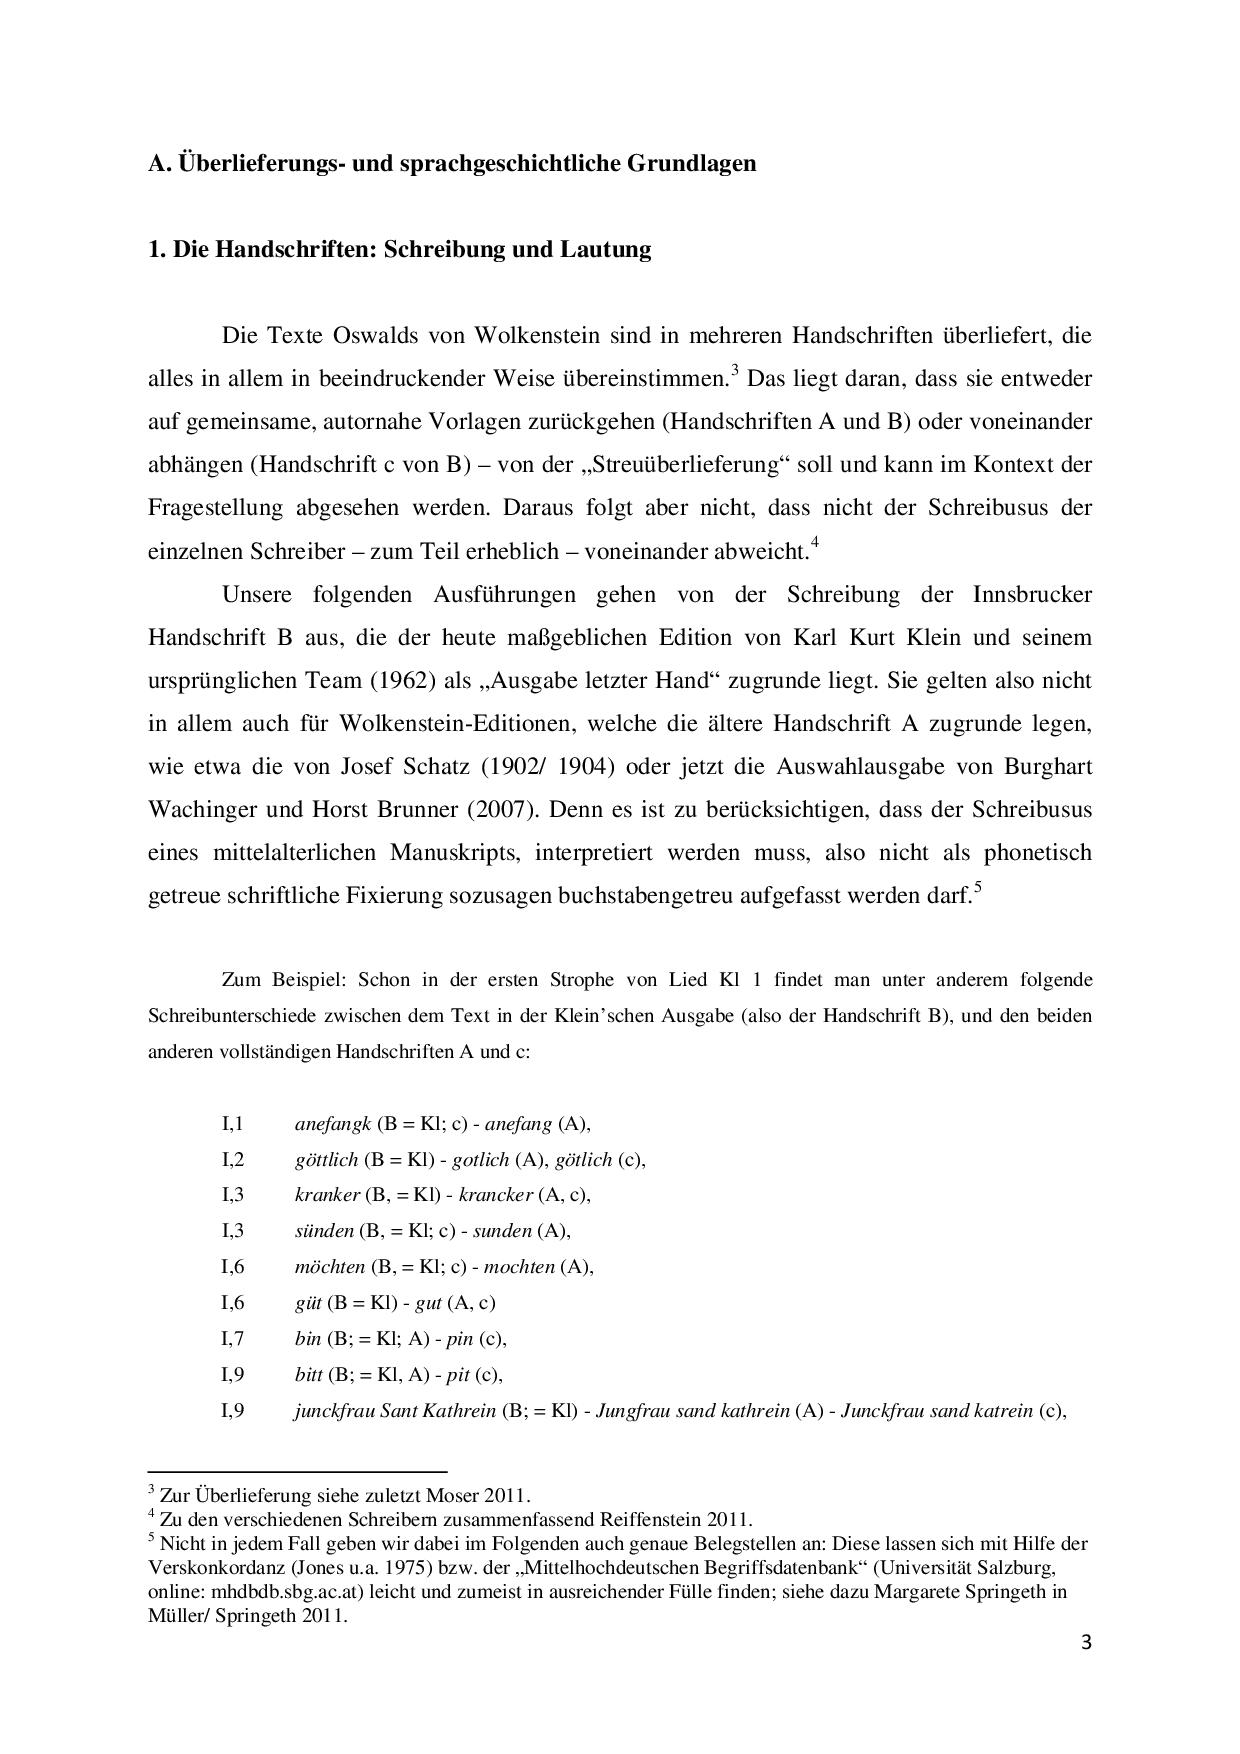 Zur Heutigen Aussprache Der Texte Oswalds Von Wolkenstein Docsity